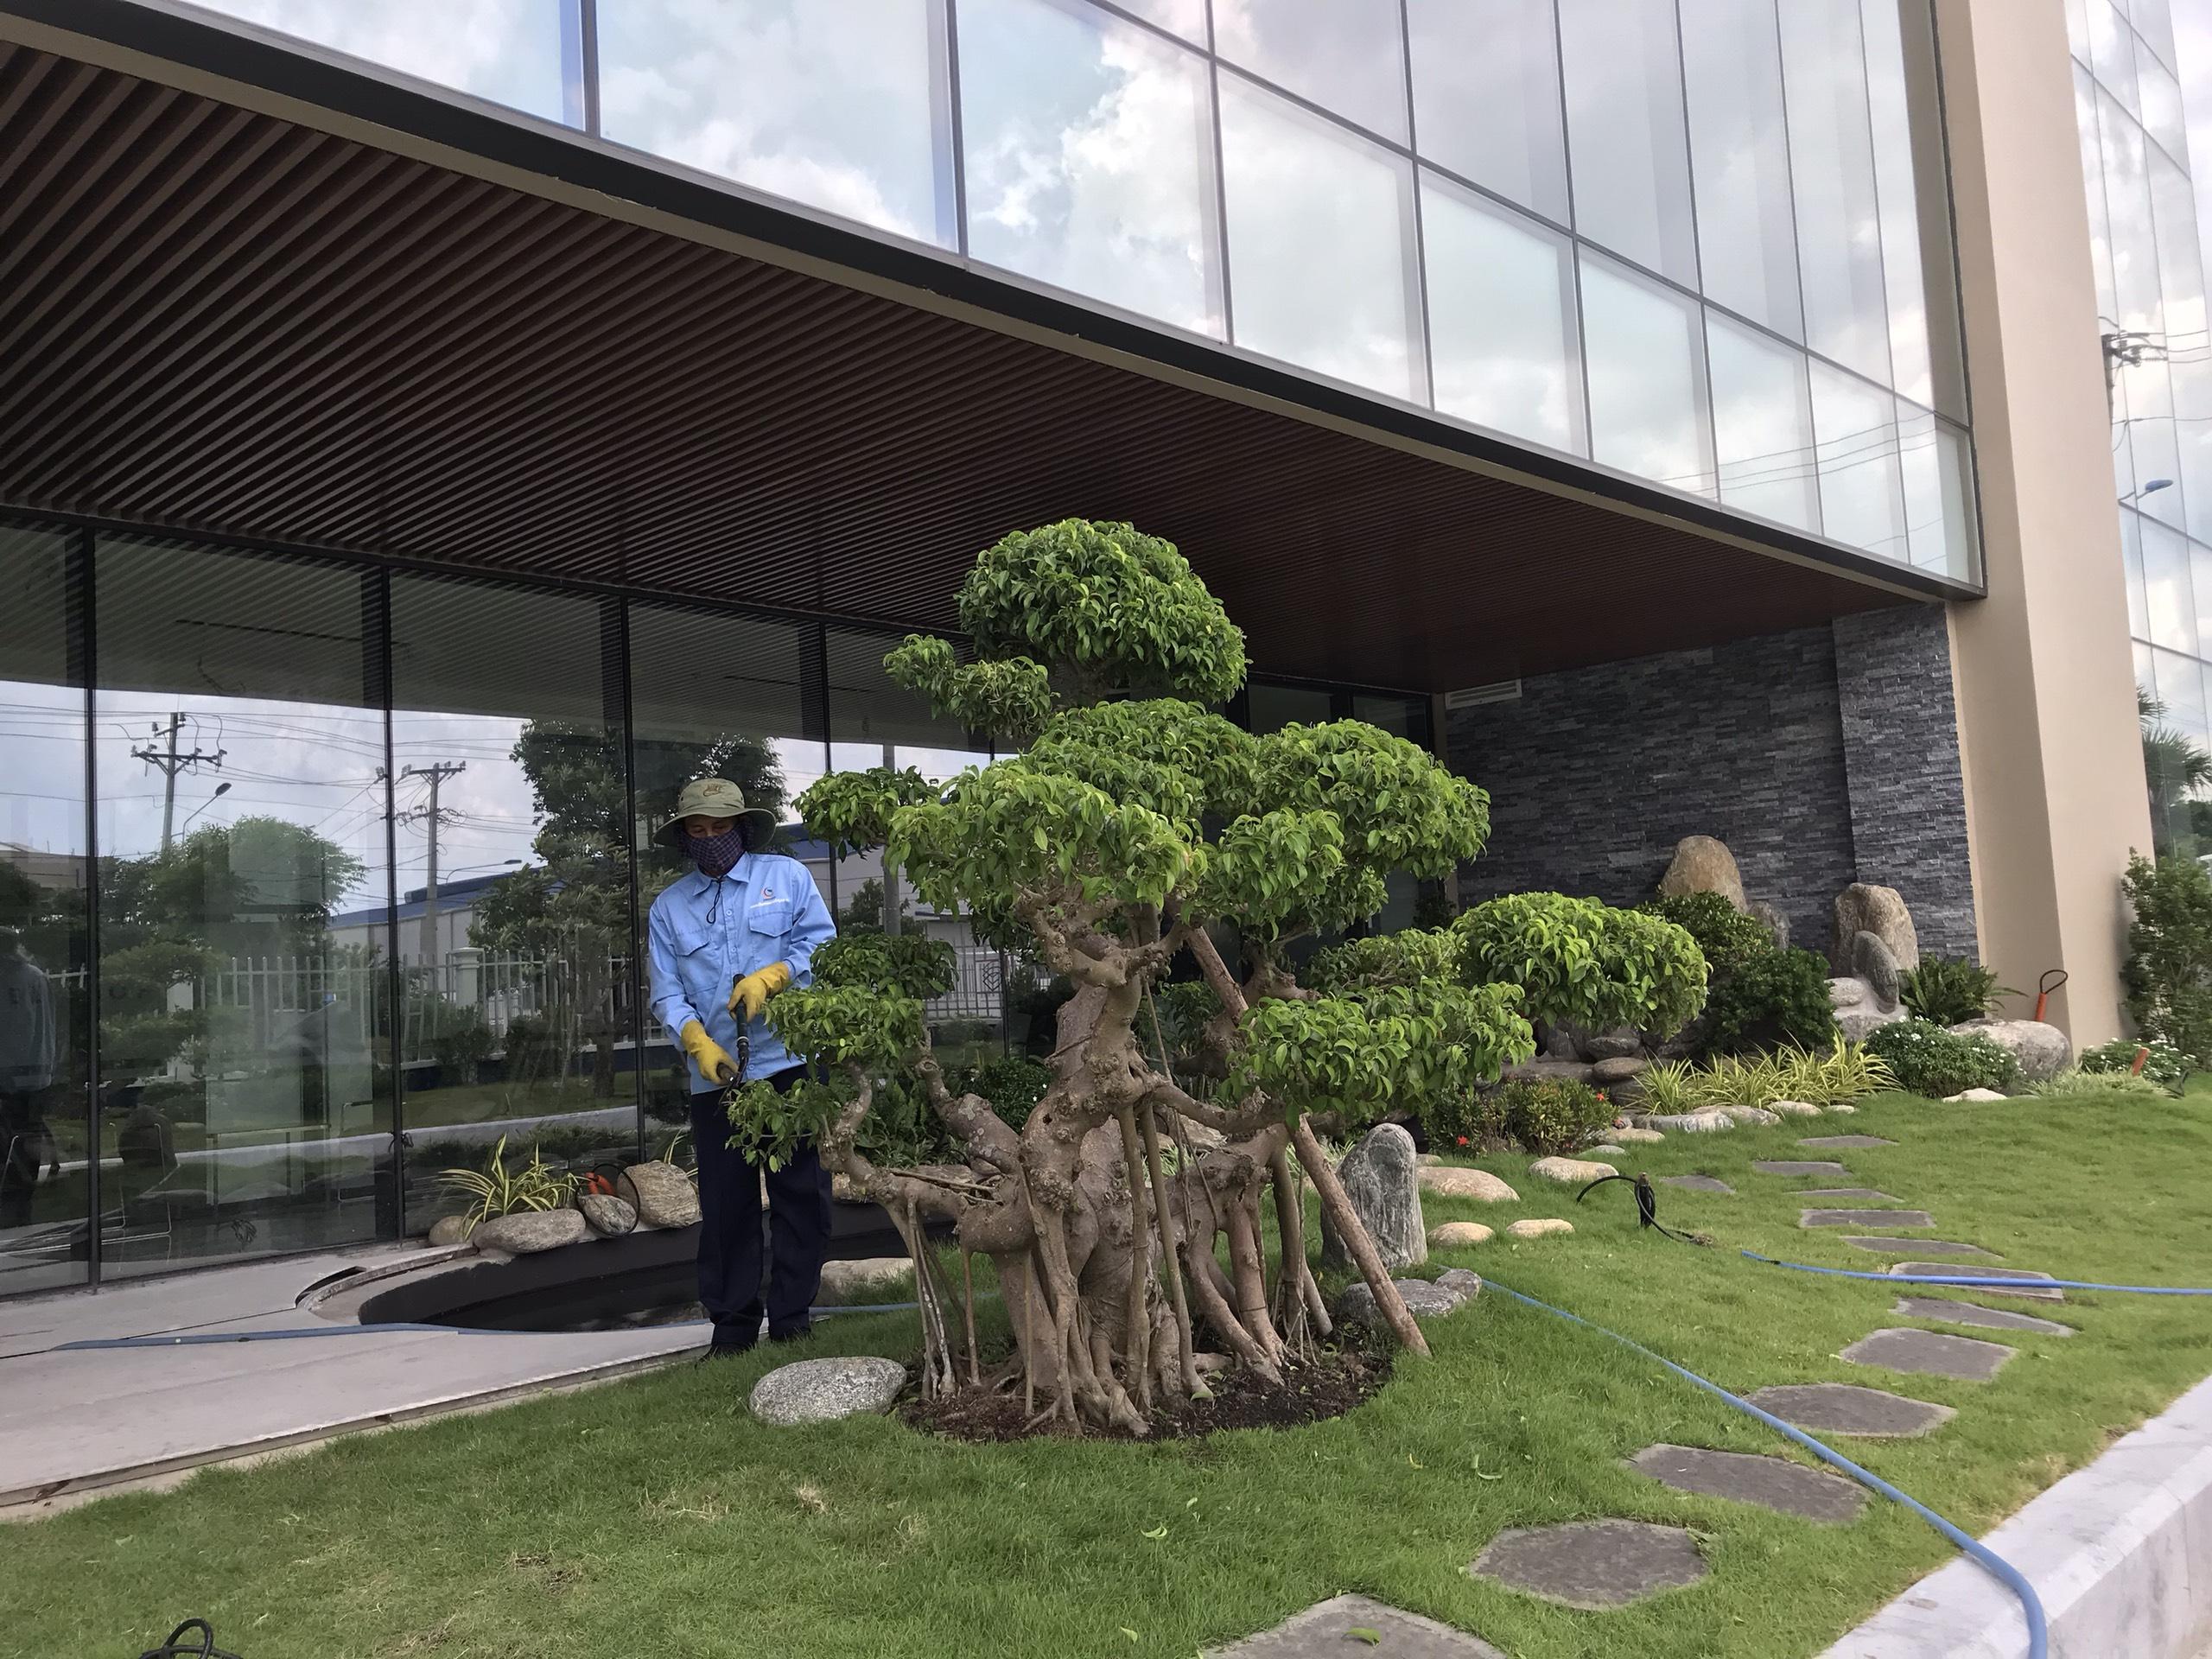 Quy trình chăm sóc cây xanhh tại Long An của Ngoại Thất Xanh